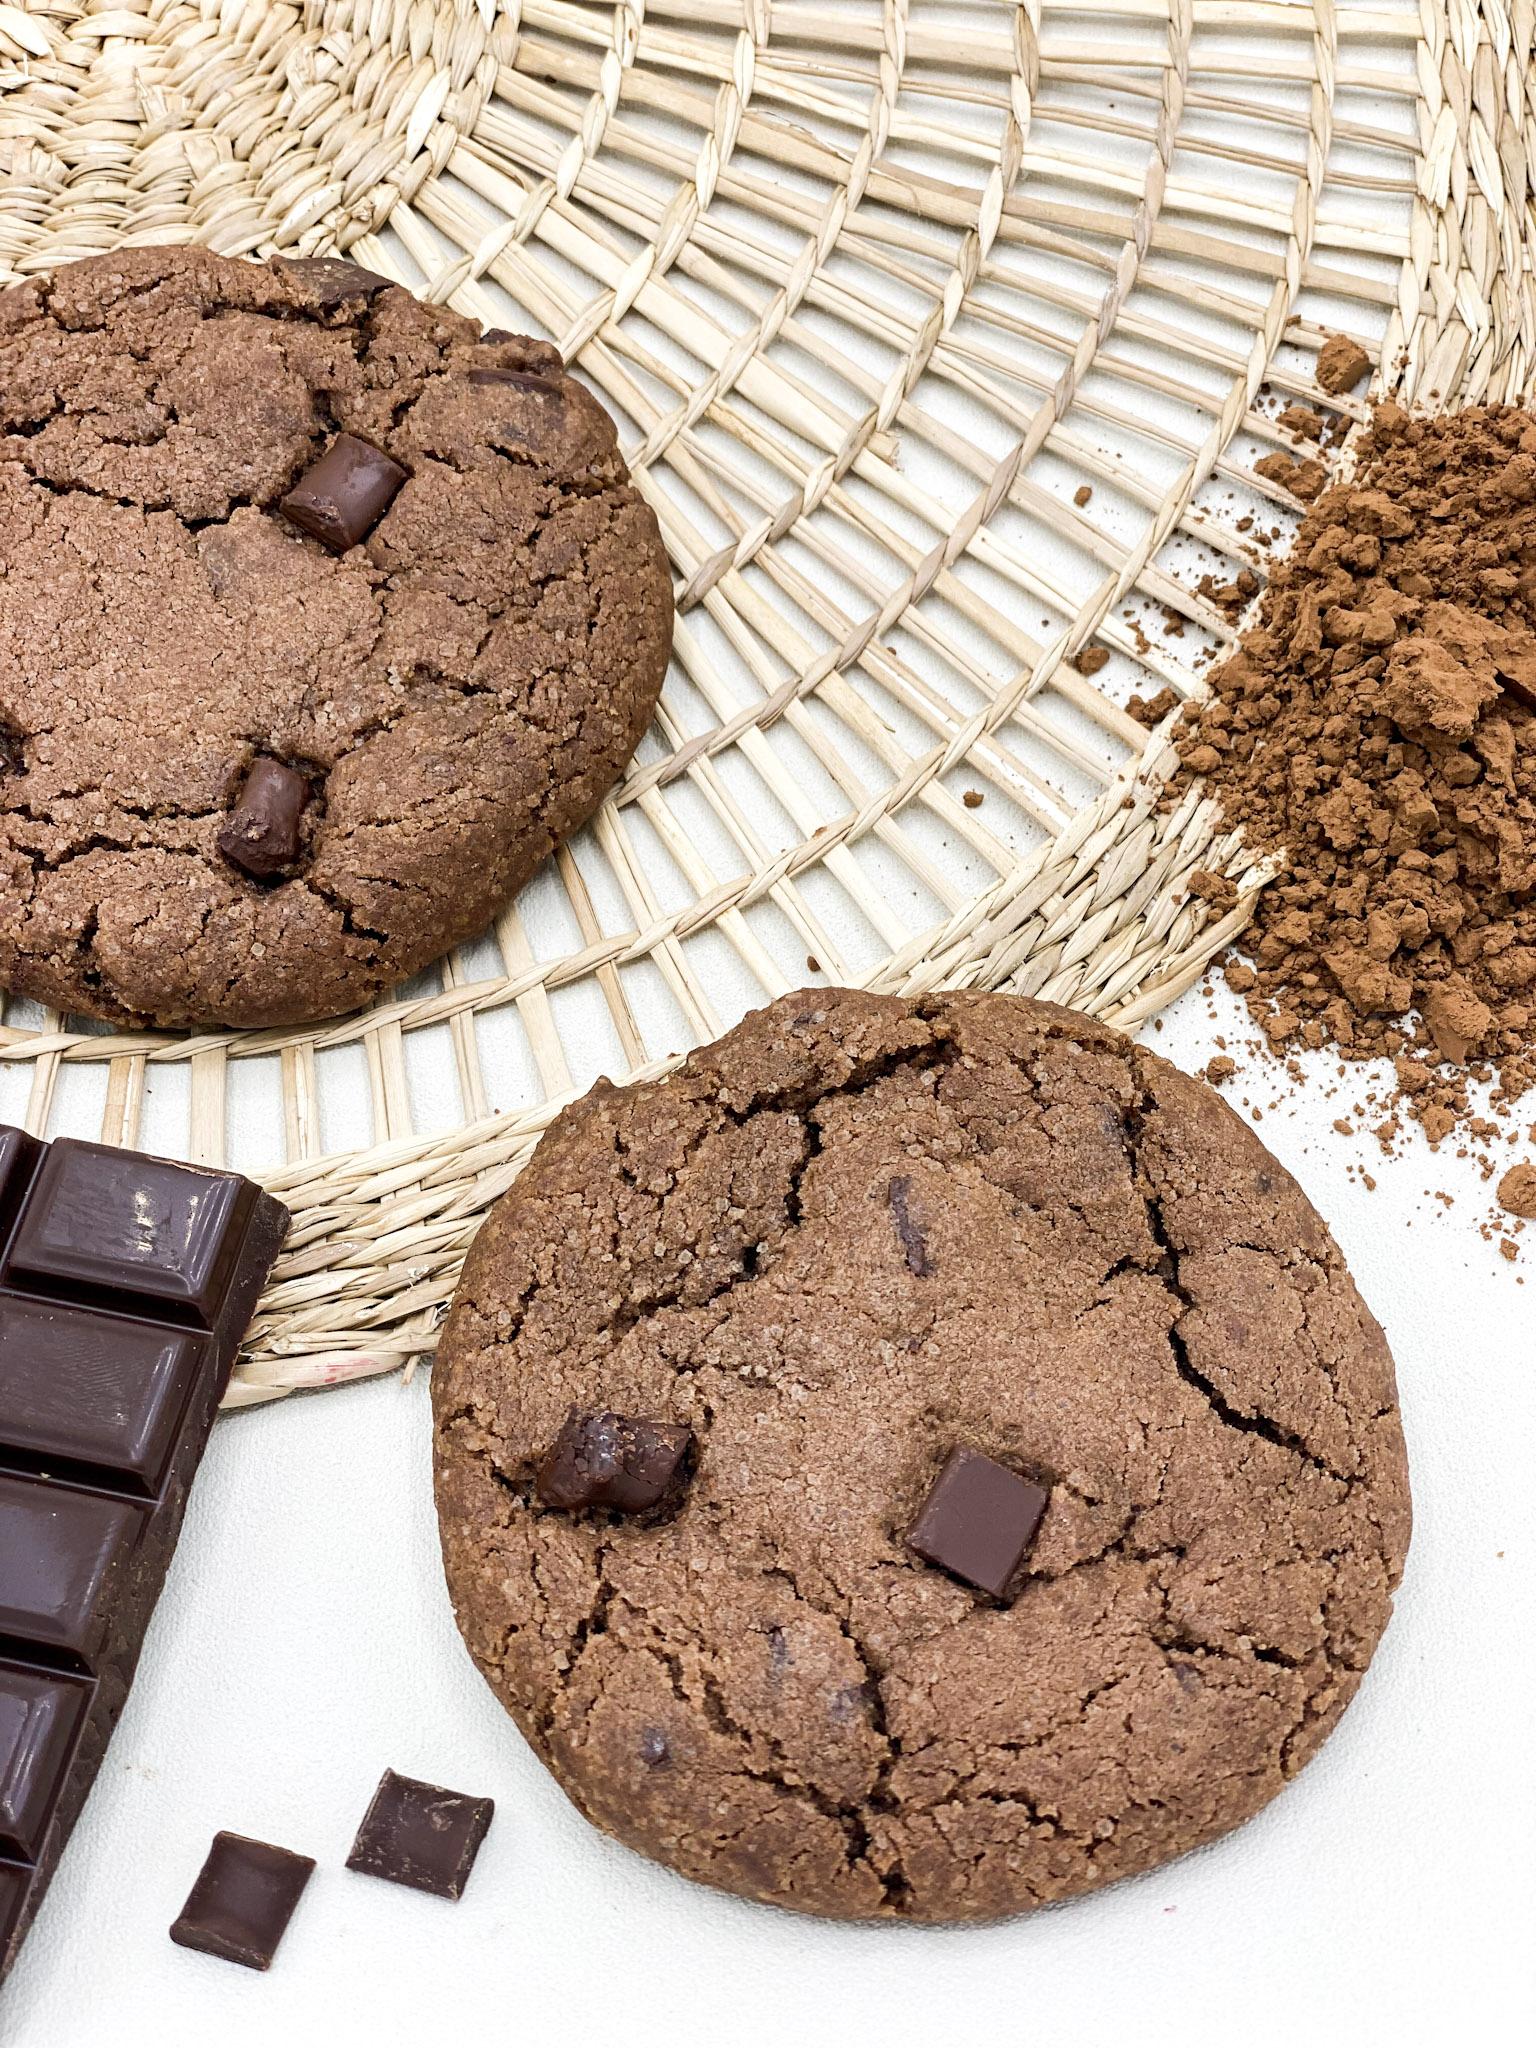 Cookie 70g Tout chocolat - Les cookies 100 % d'origine végétale made in Bretagne